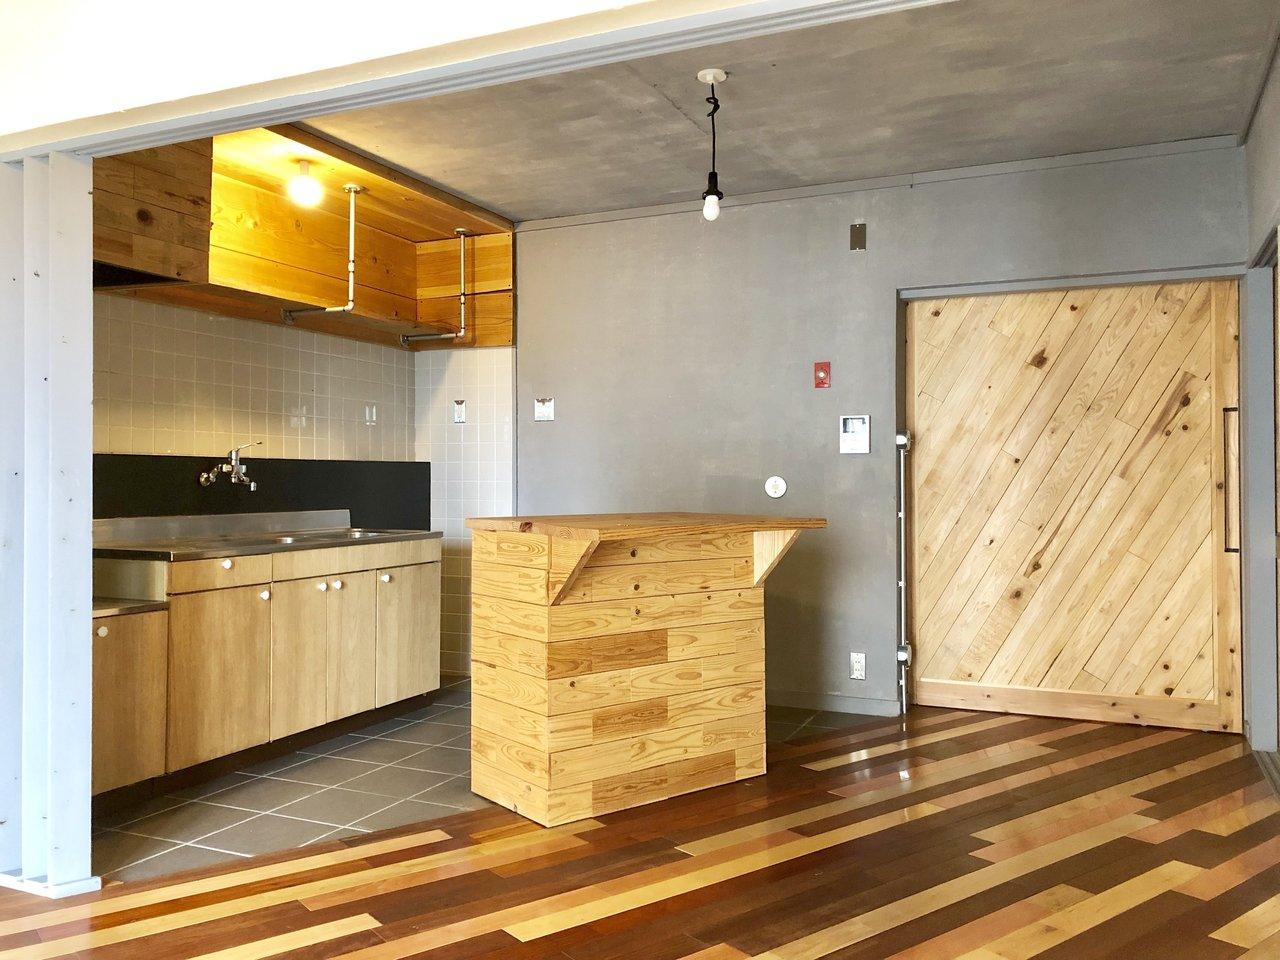 大胆にナナメに配置されたキッチンカウンター!それに合わせて床もナナメ。よく見ると、ドアもナナメです。洒落てる。